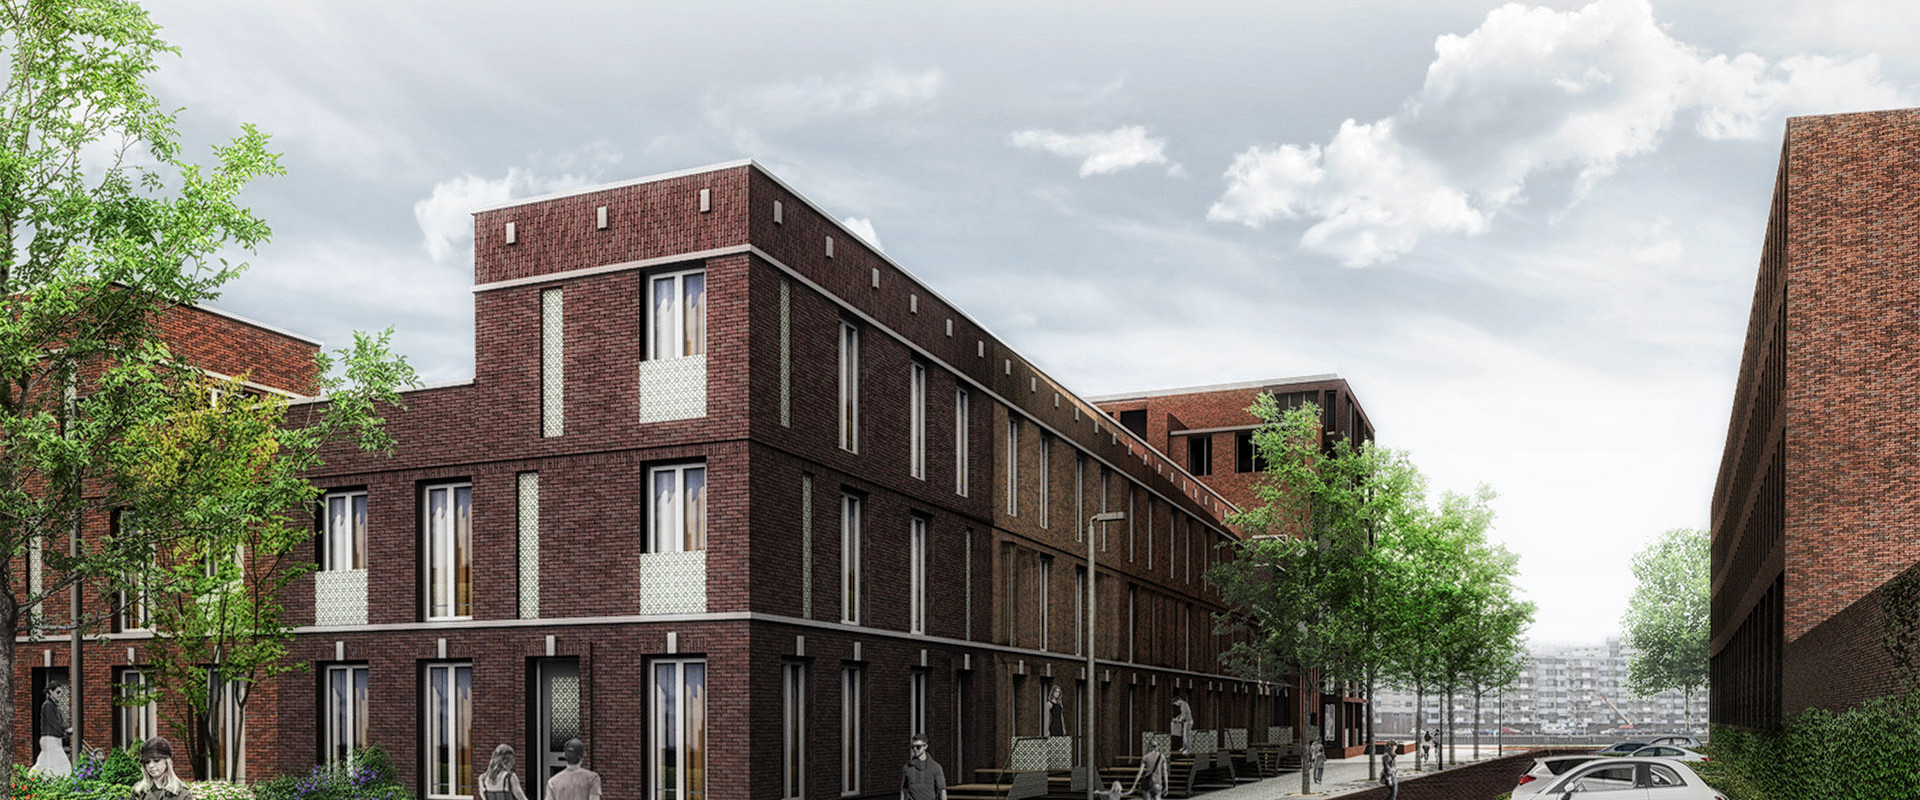 Nassaustraat Rotterdam Hefkwartier na bewerking a3 copy